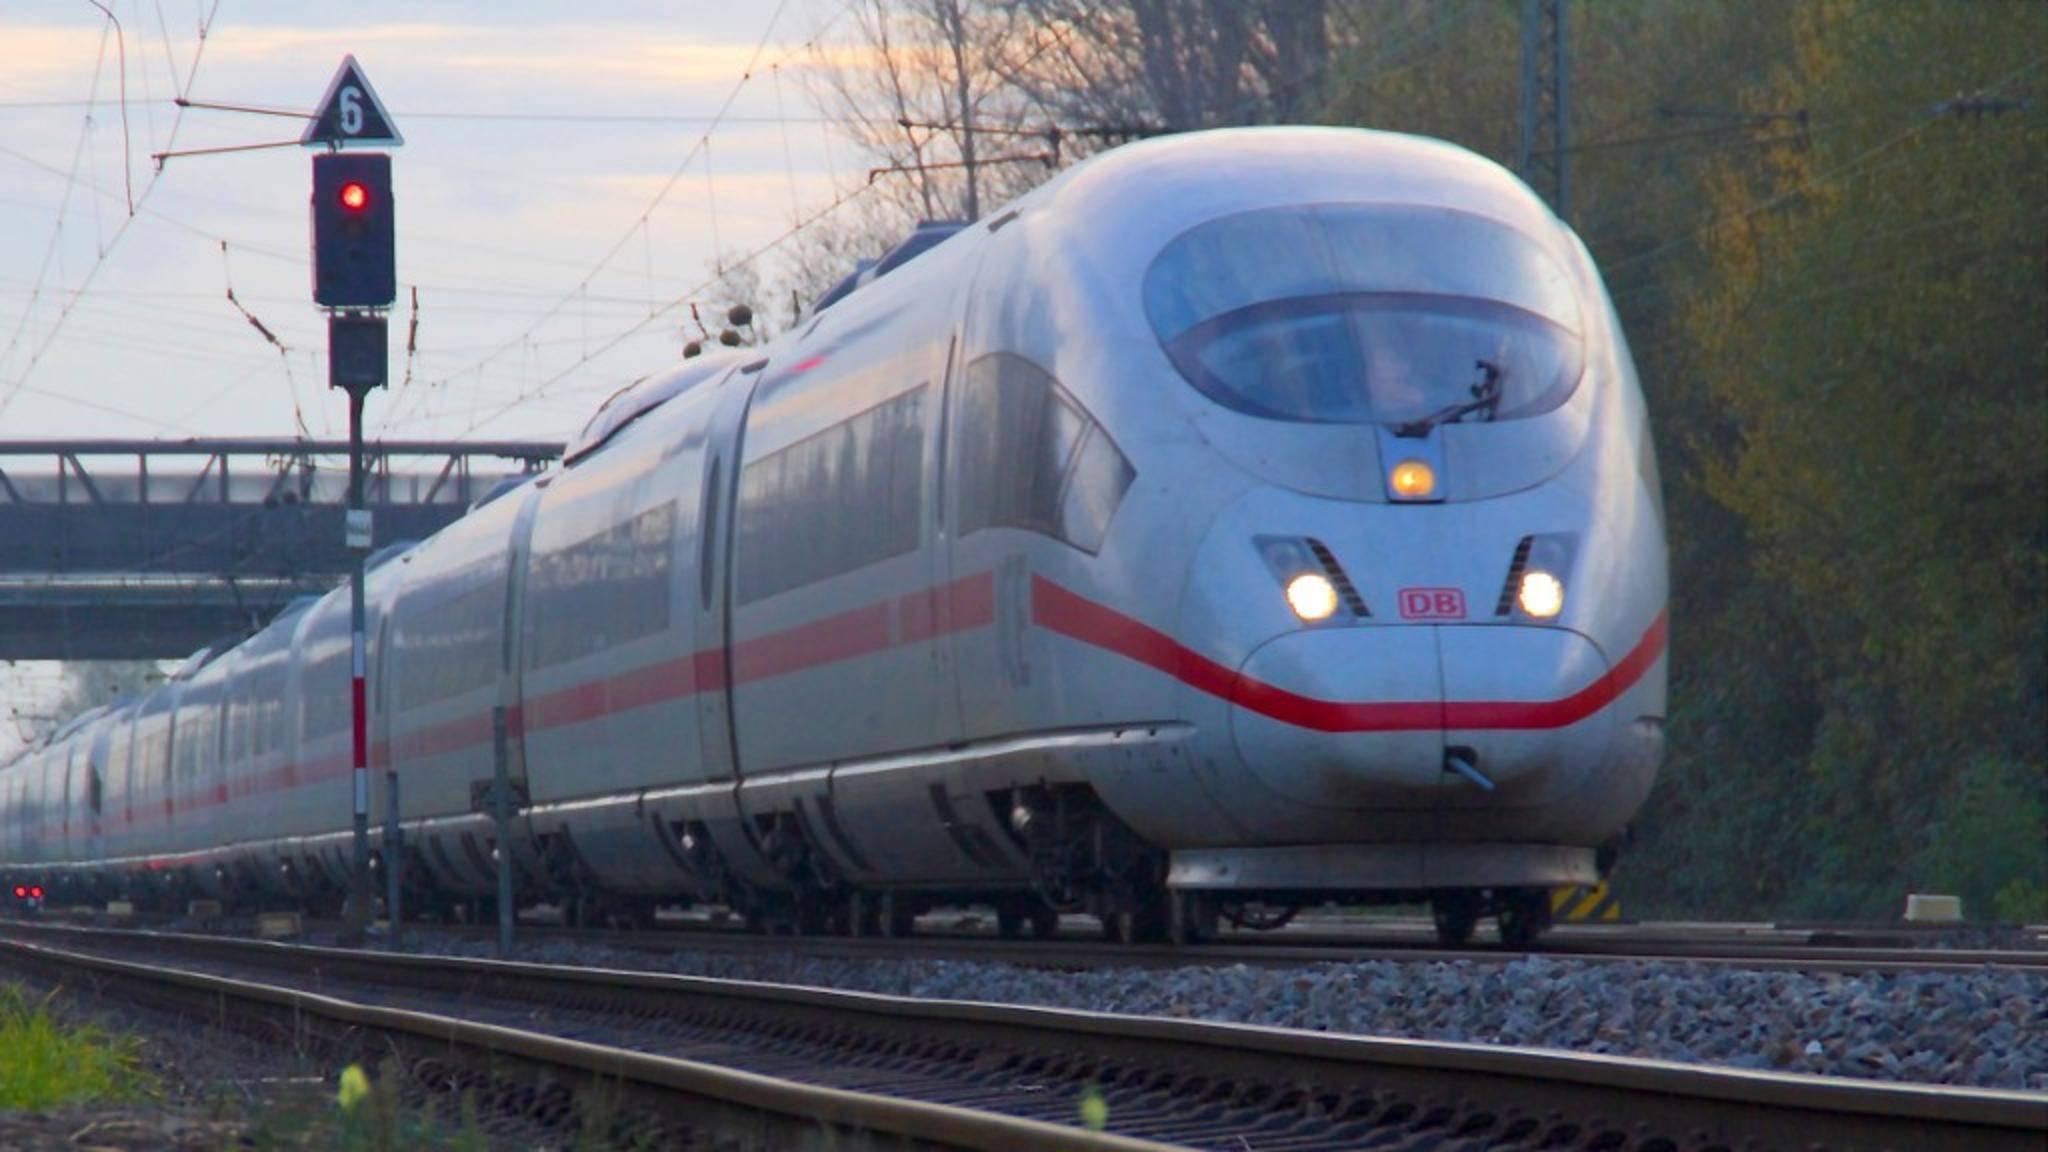 Die Bahn drosselt ihr kostenloses WLAN schon nach 200 Megabyte.